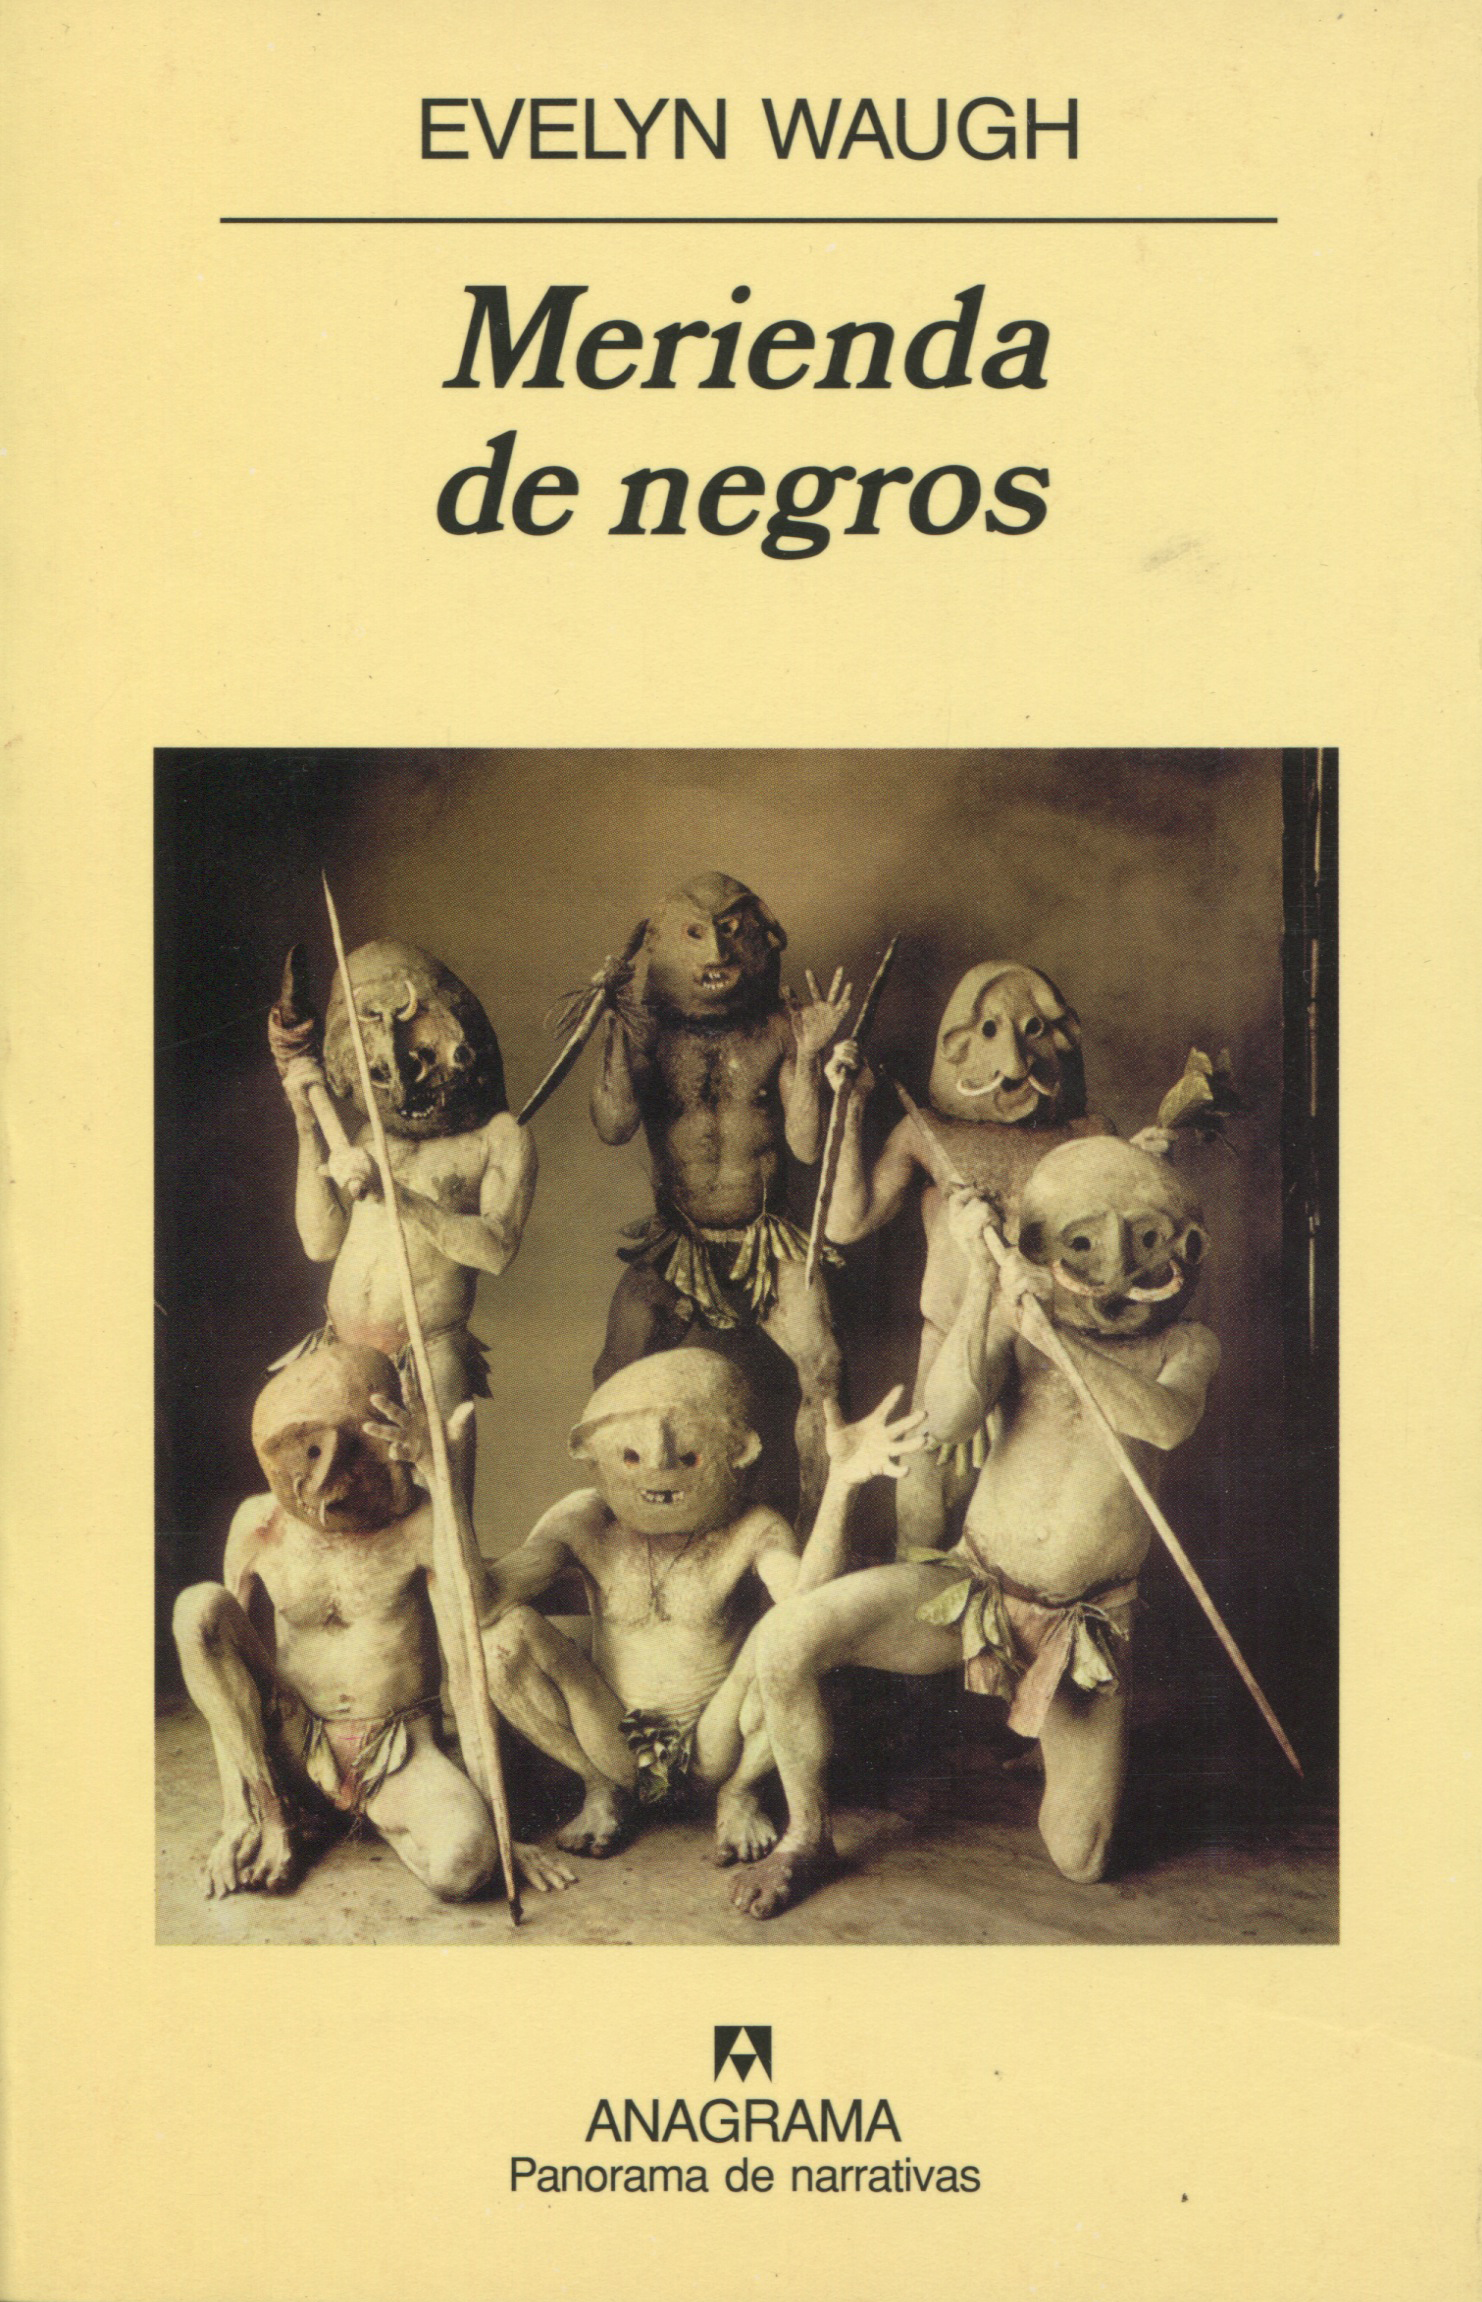 Merienda de negros, en nuestra selección de humor inglés.